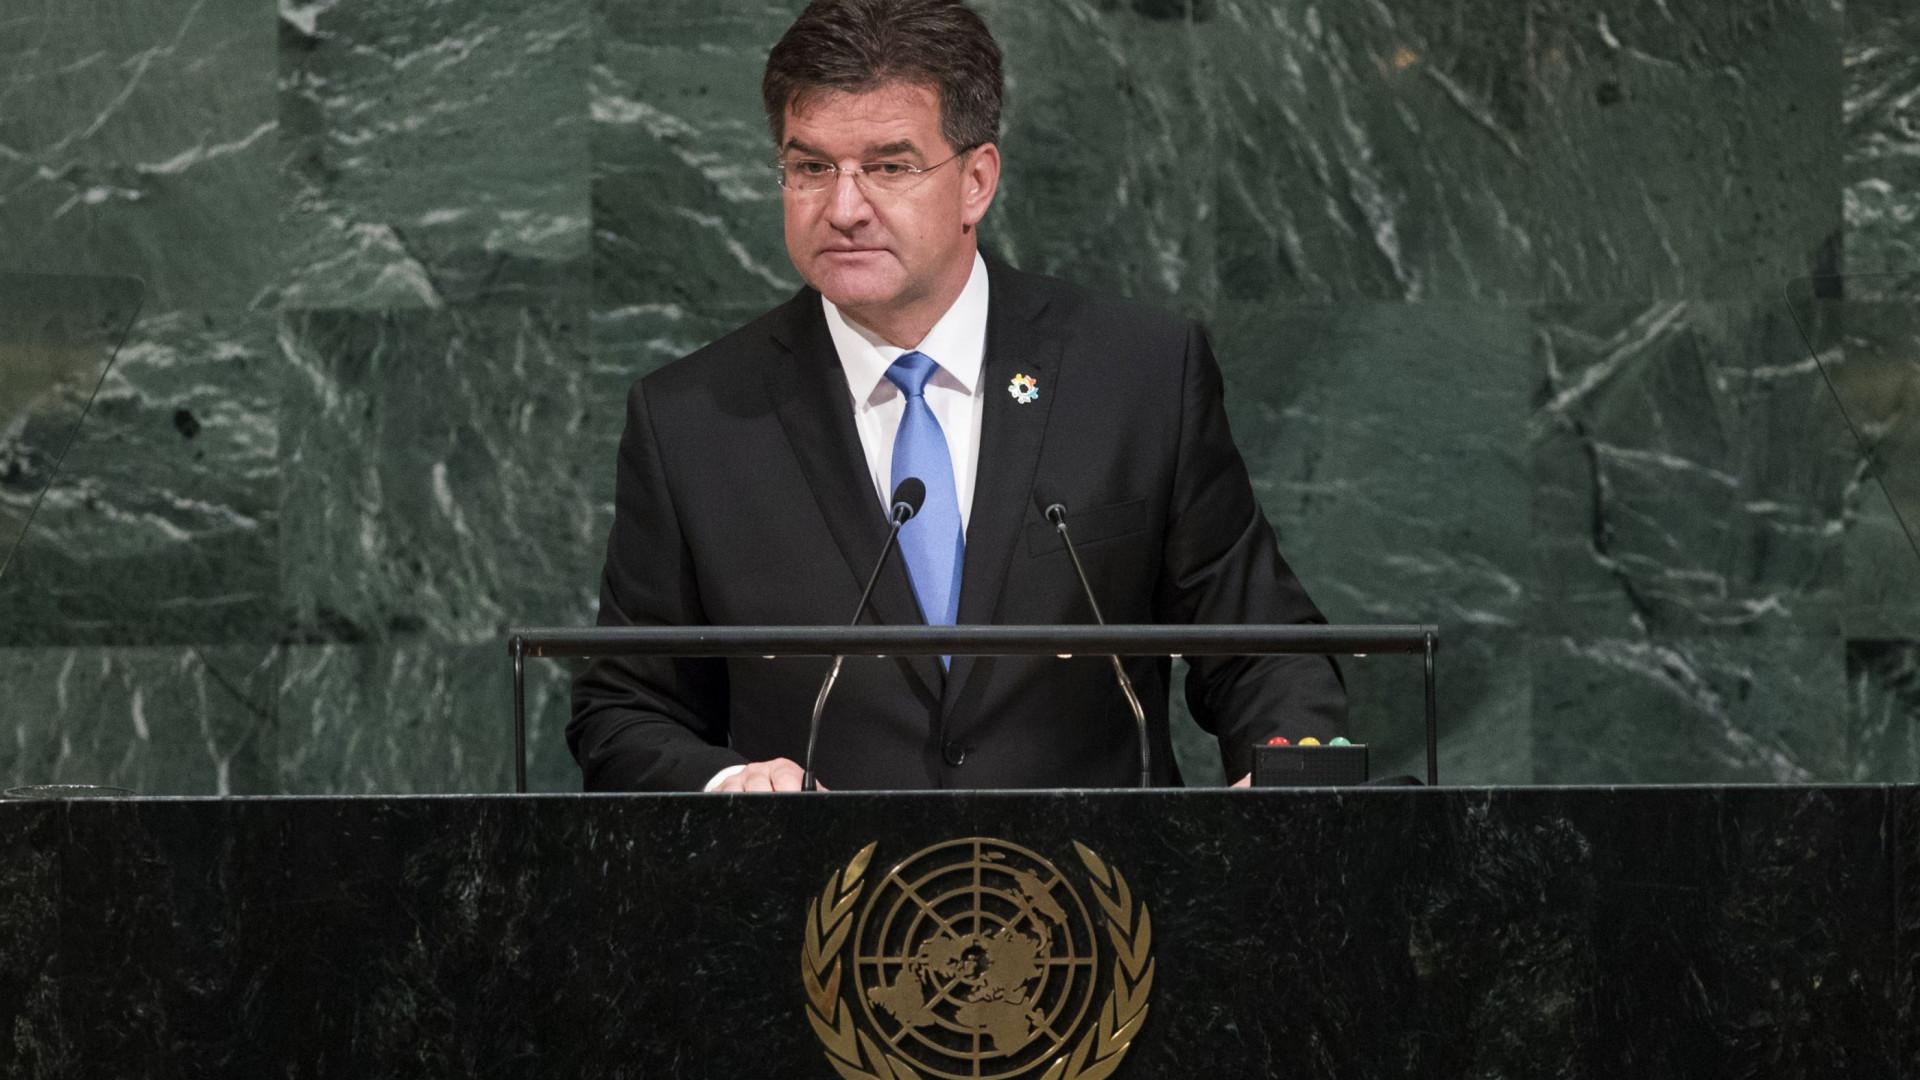 Ministro eslovaco reconsidera demissão causada por rejeição do pacto